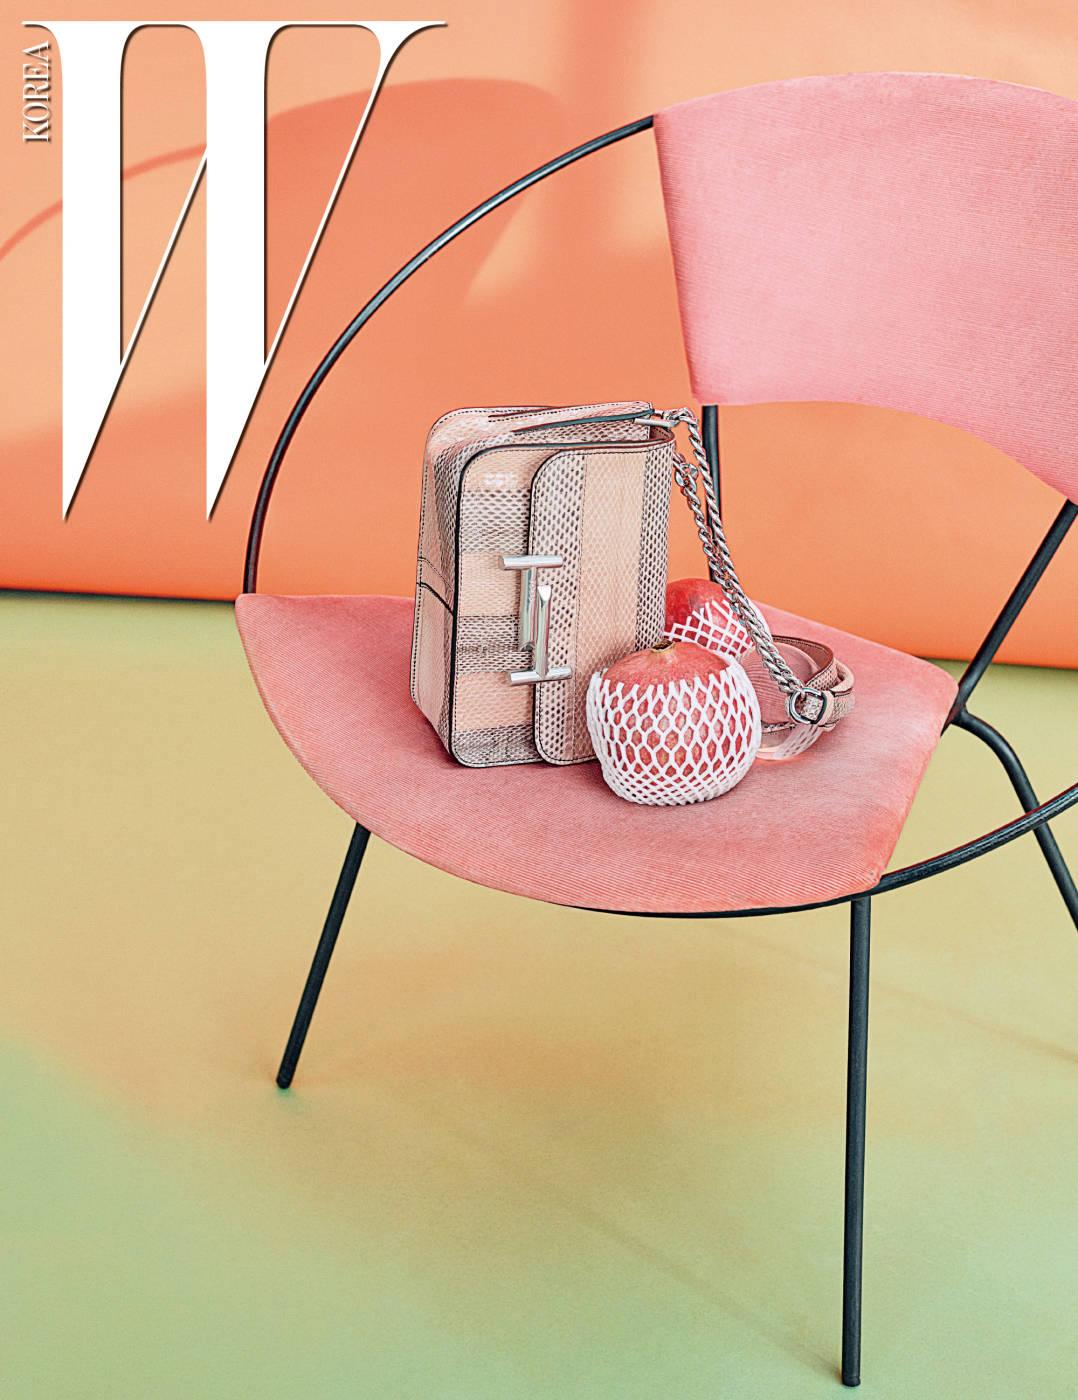 감미로운 파스텔톤이 돋보이는 더블 T 로고 장식의 이그조틱 가죽 소재 체인 숄더백은 Tod's 제품.